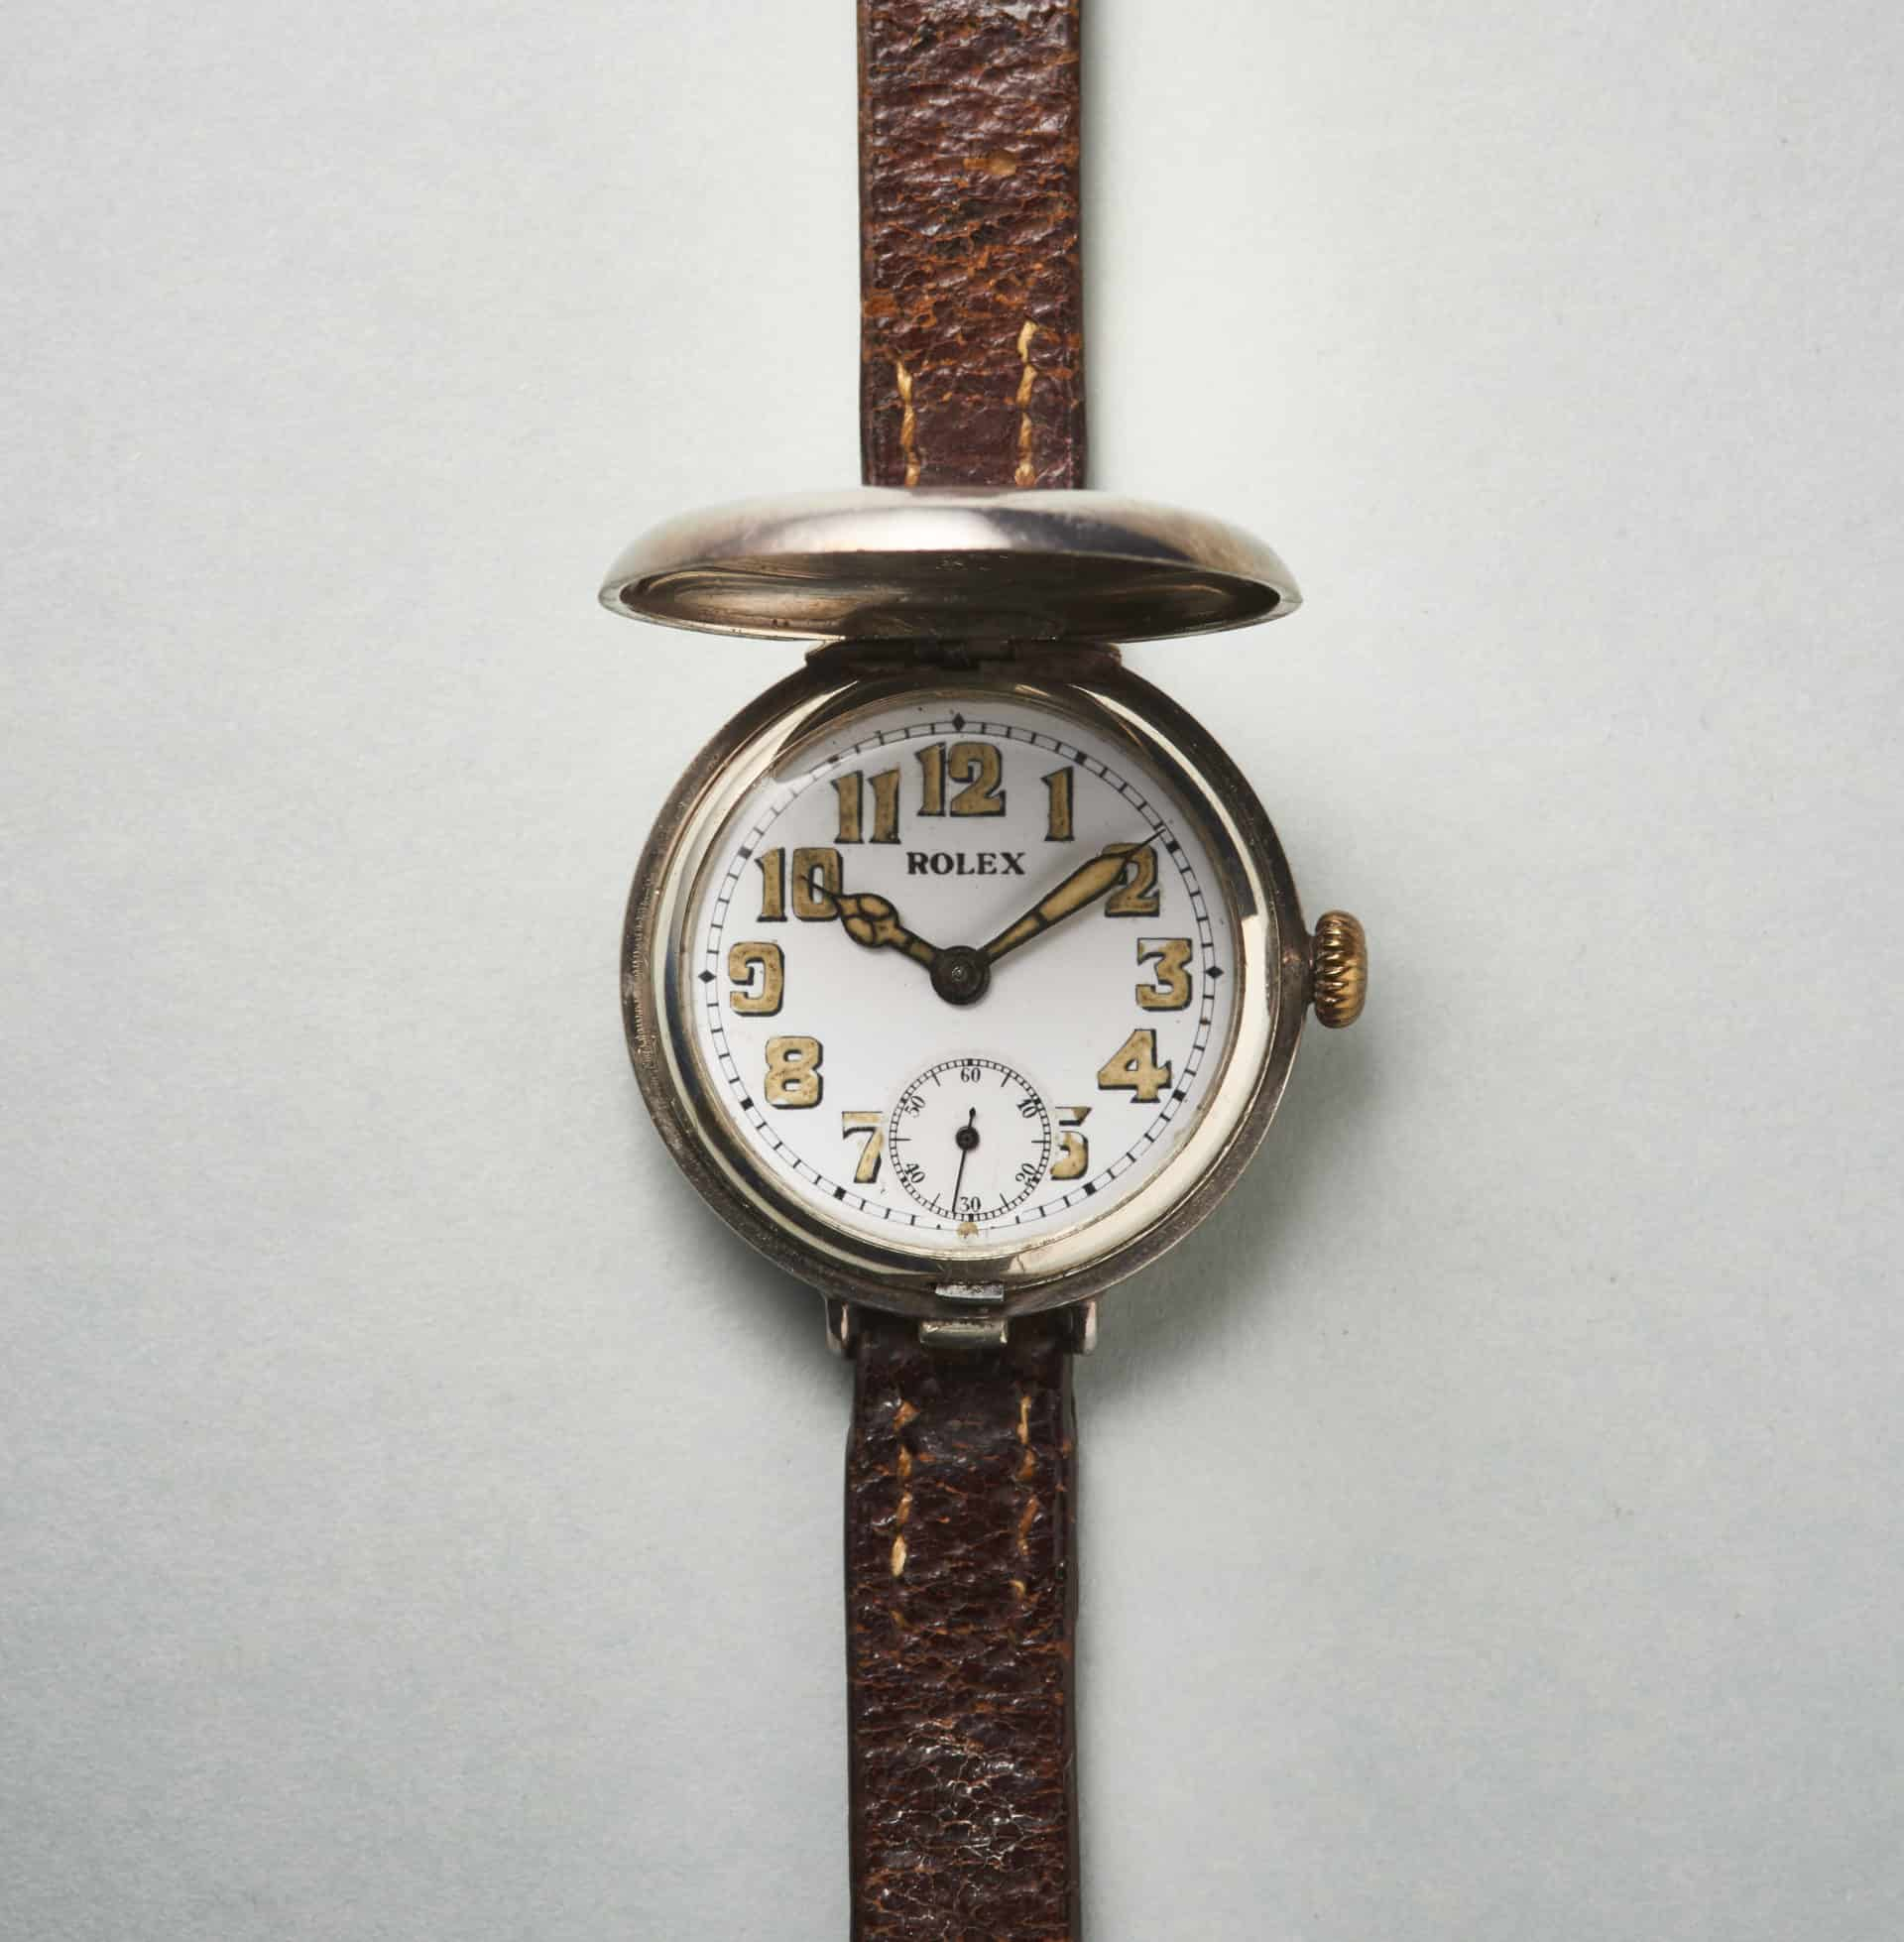 Rolex hat in seinen Anfangsjahren Uhren gebaut, die sich doch erheblich von den heutigen, im Design klar umrissenen Uhren unterscheiden. Auch sie haben ihren Reiz